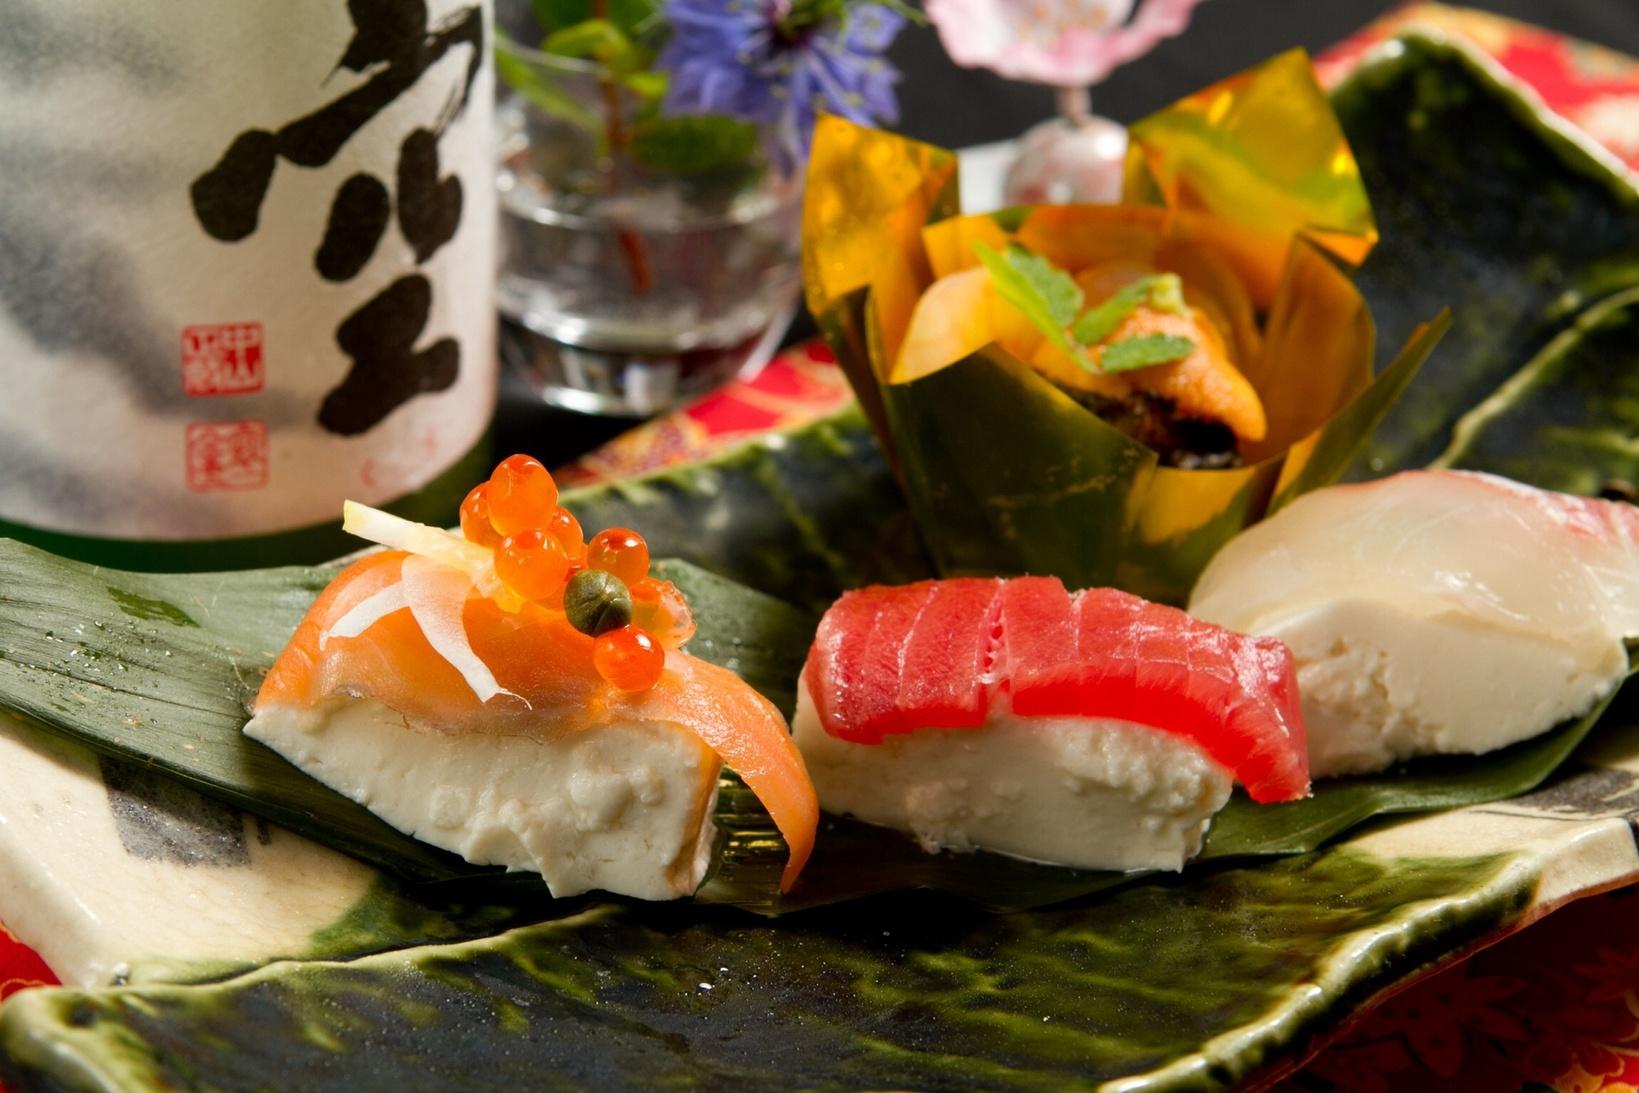 【岐阜美濃焼で盛る】料理長イチオシ特別料理一皿プレゼント!